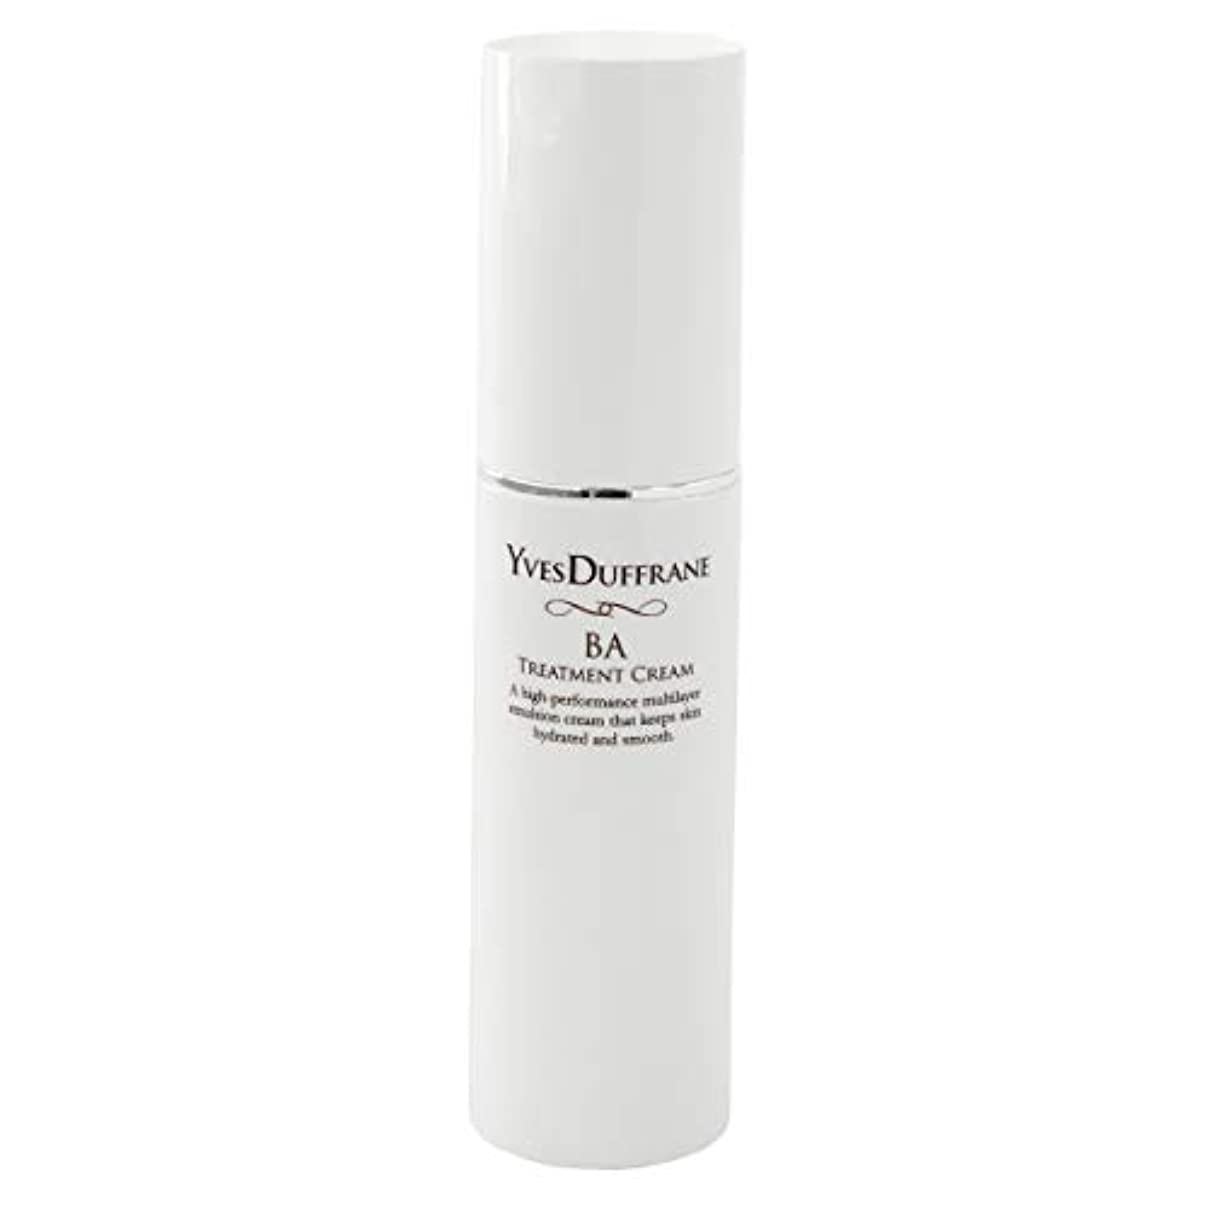 セラミド 美容クリーム [BAトリートメント クリーム ] 顔 目元 敏感肌 保湿 セラミド ビタミンC誘導体 バイオアンテージ配合